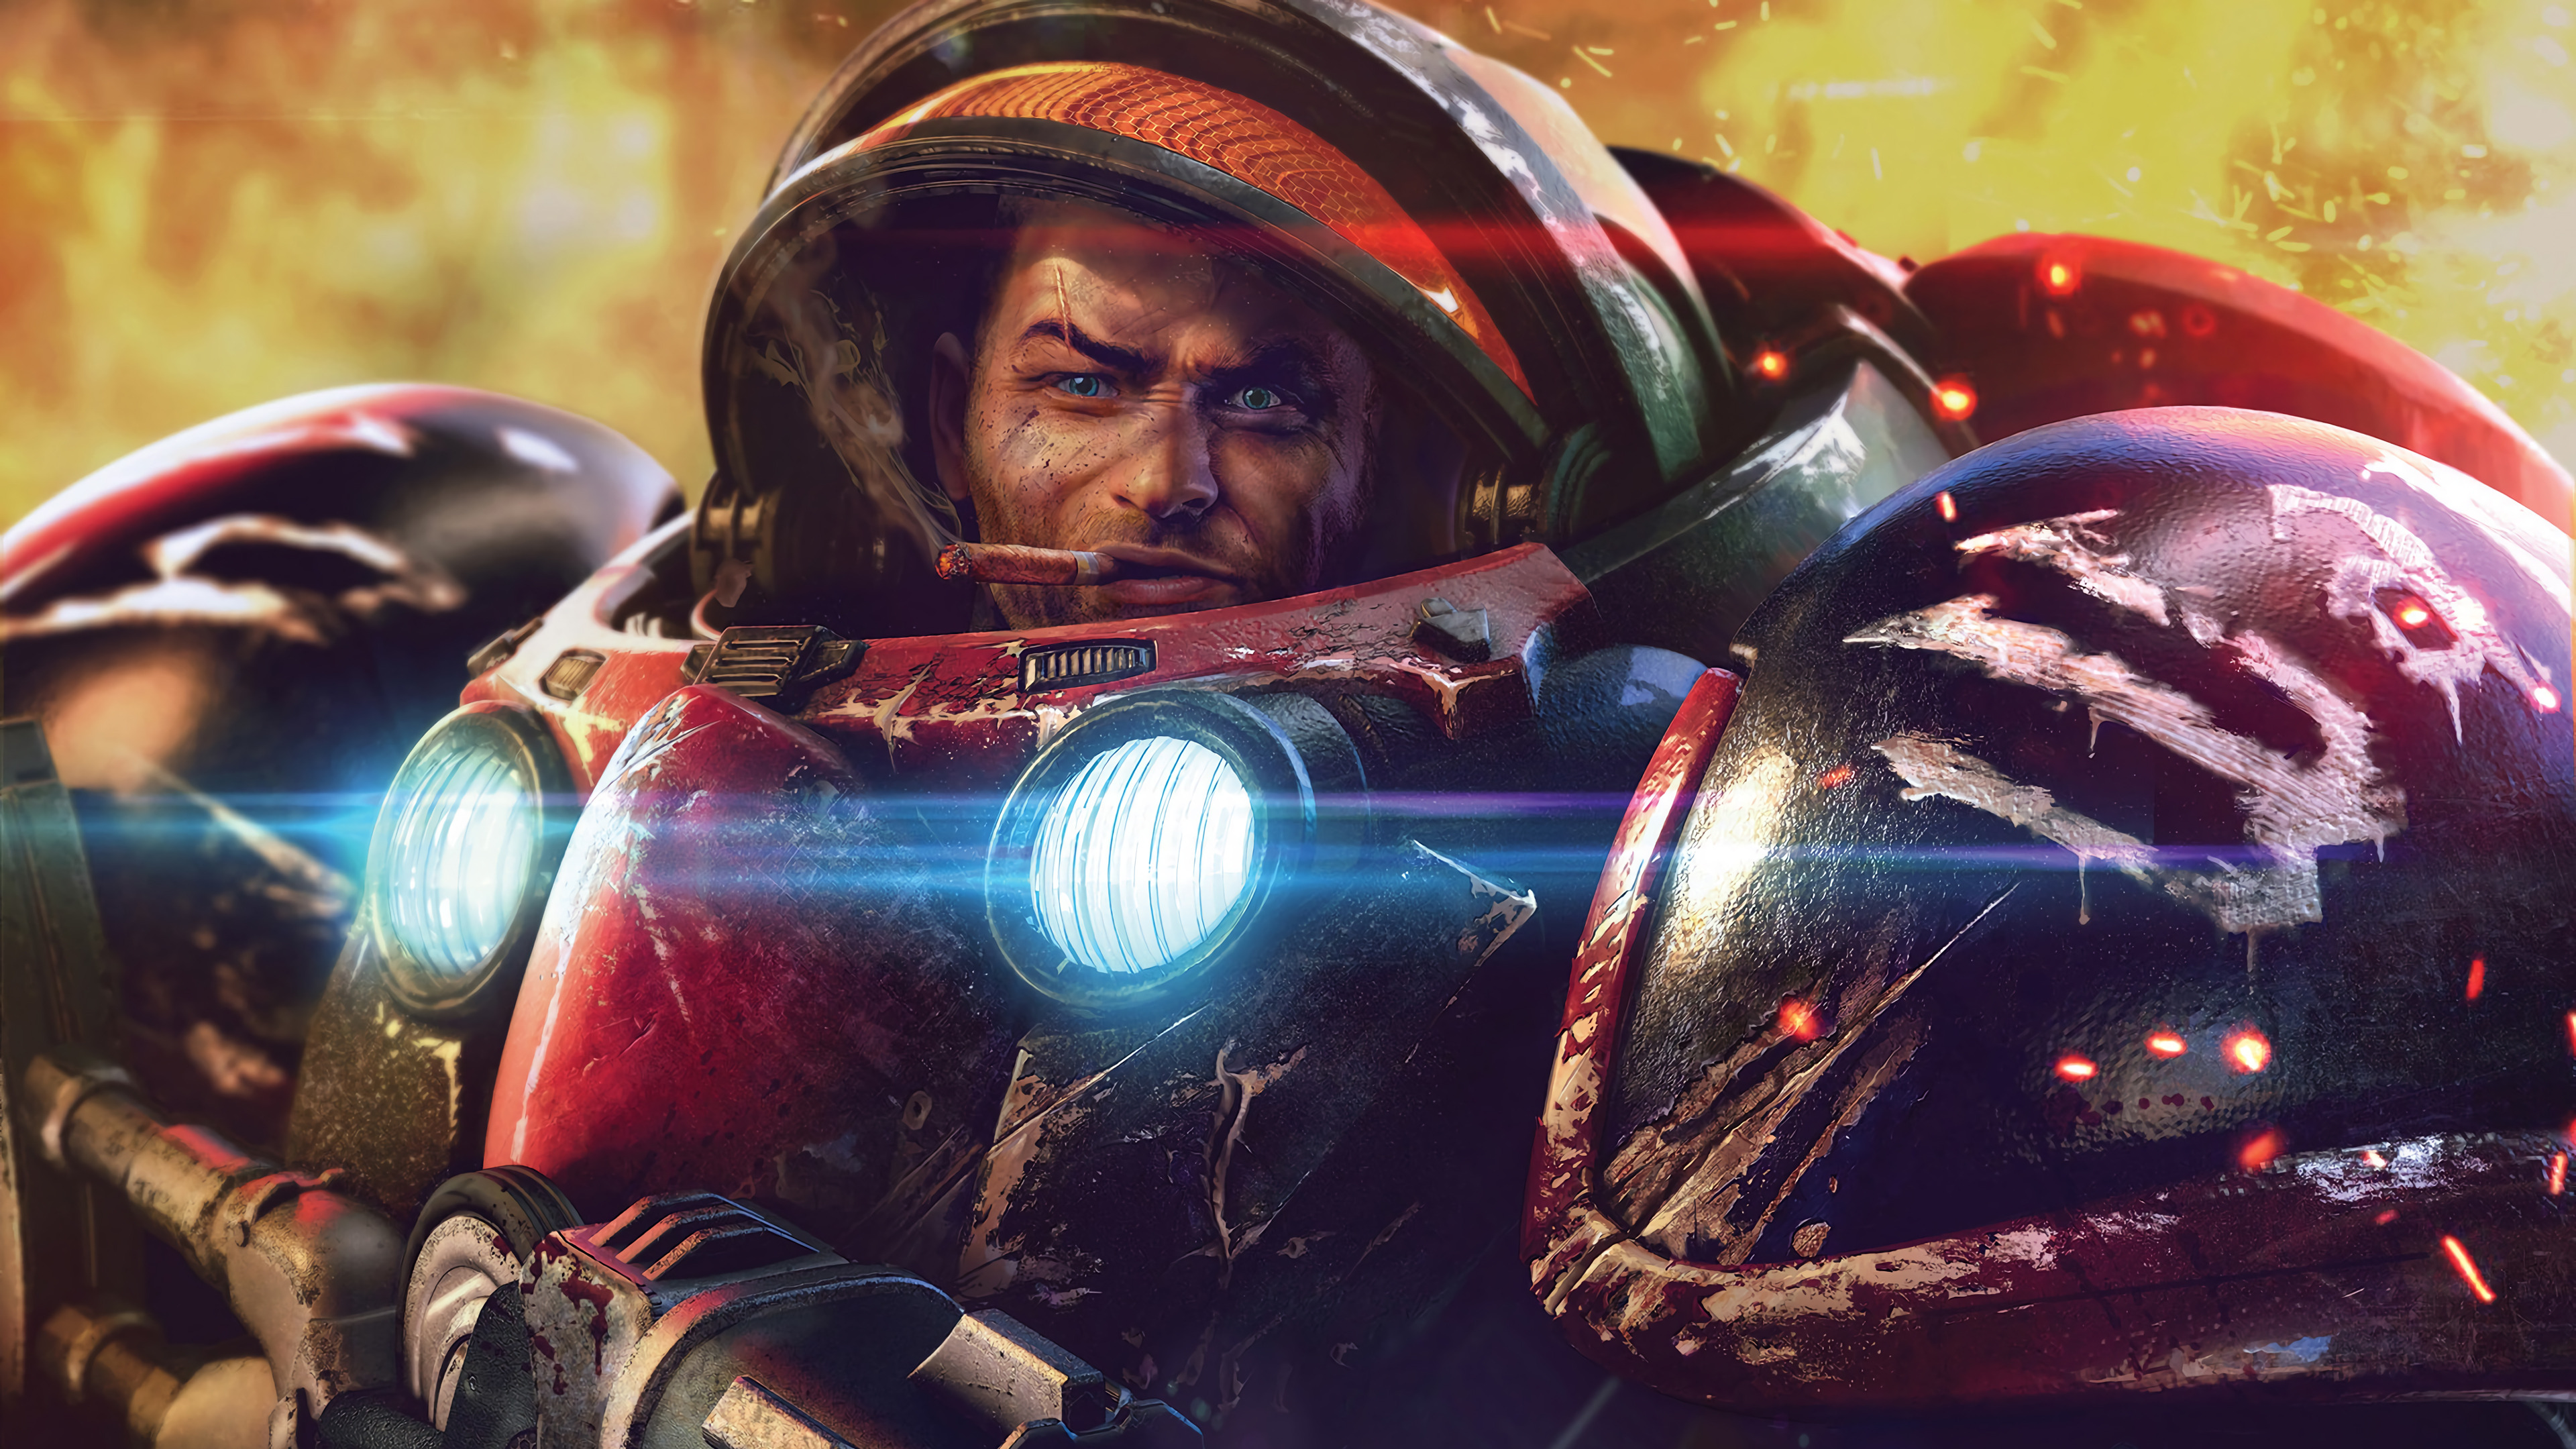 Fondos de pantalla Starcraft Terran Soldado ciencia ficción